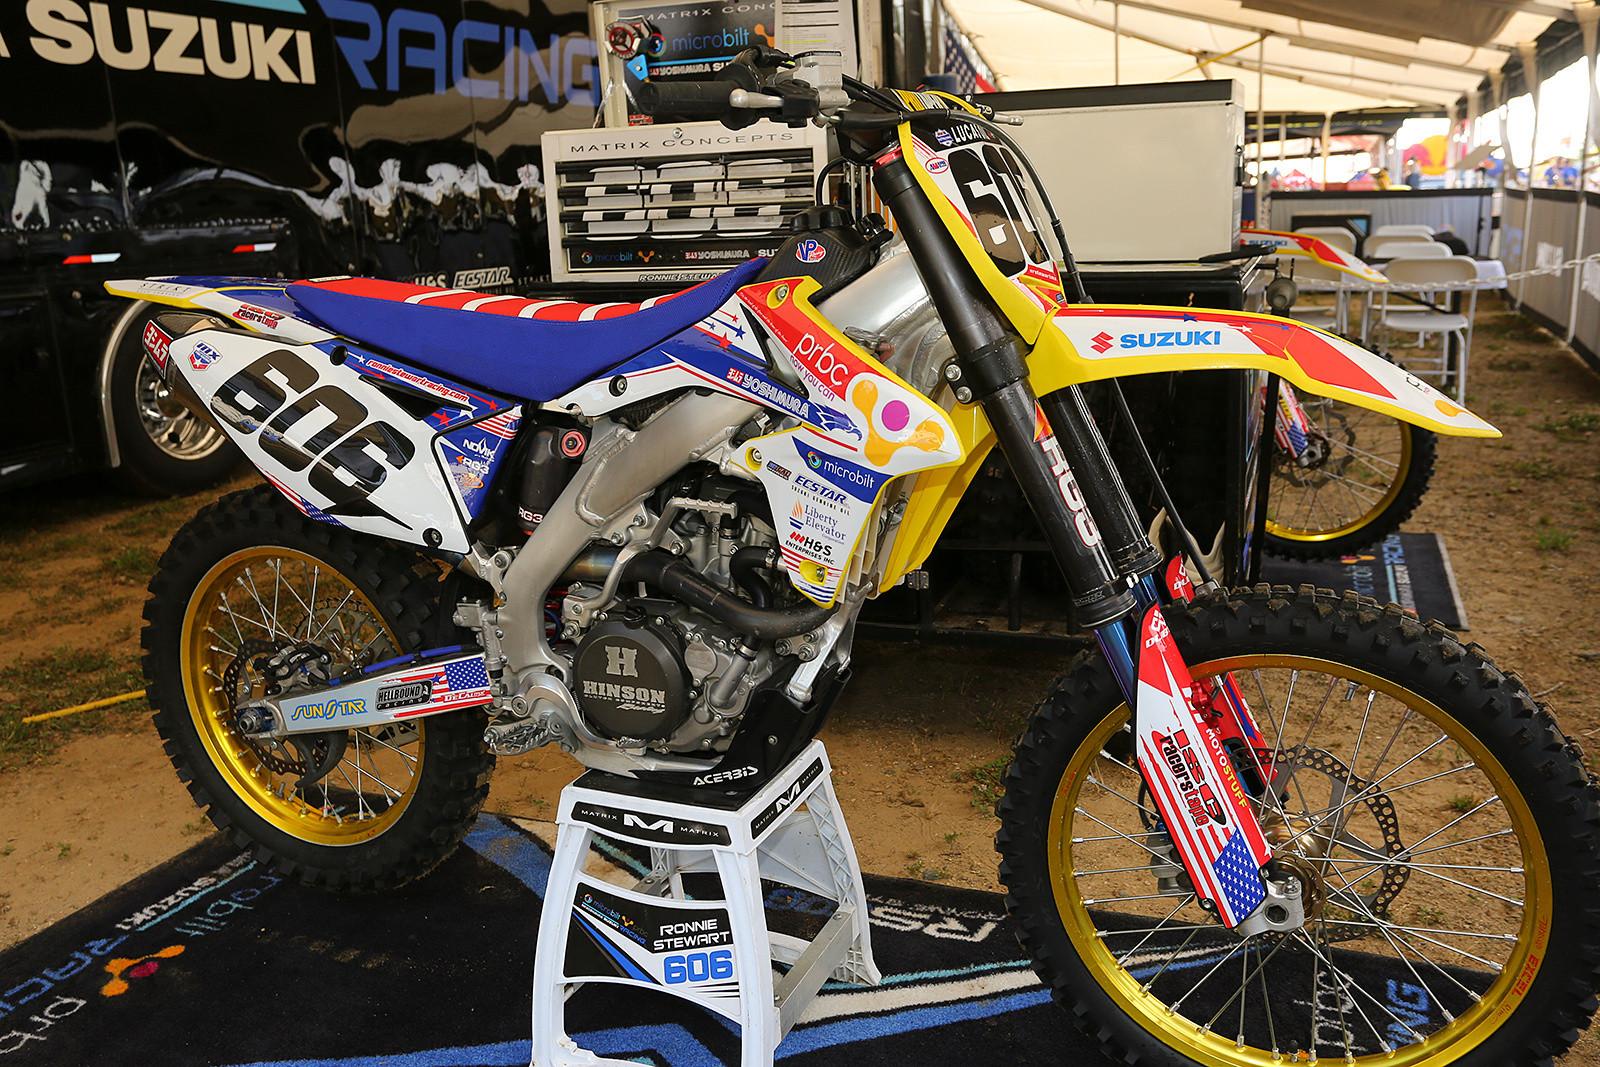 Ronnie Stewart's Team MicroBilt/PRBC Suzuki.